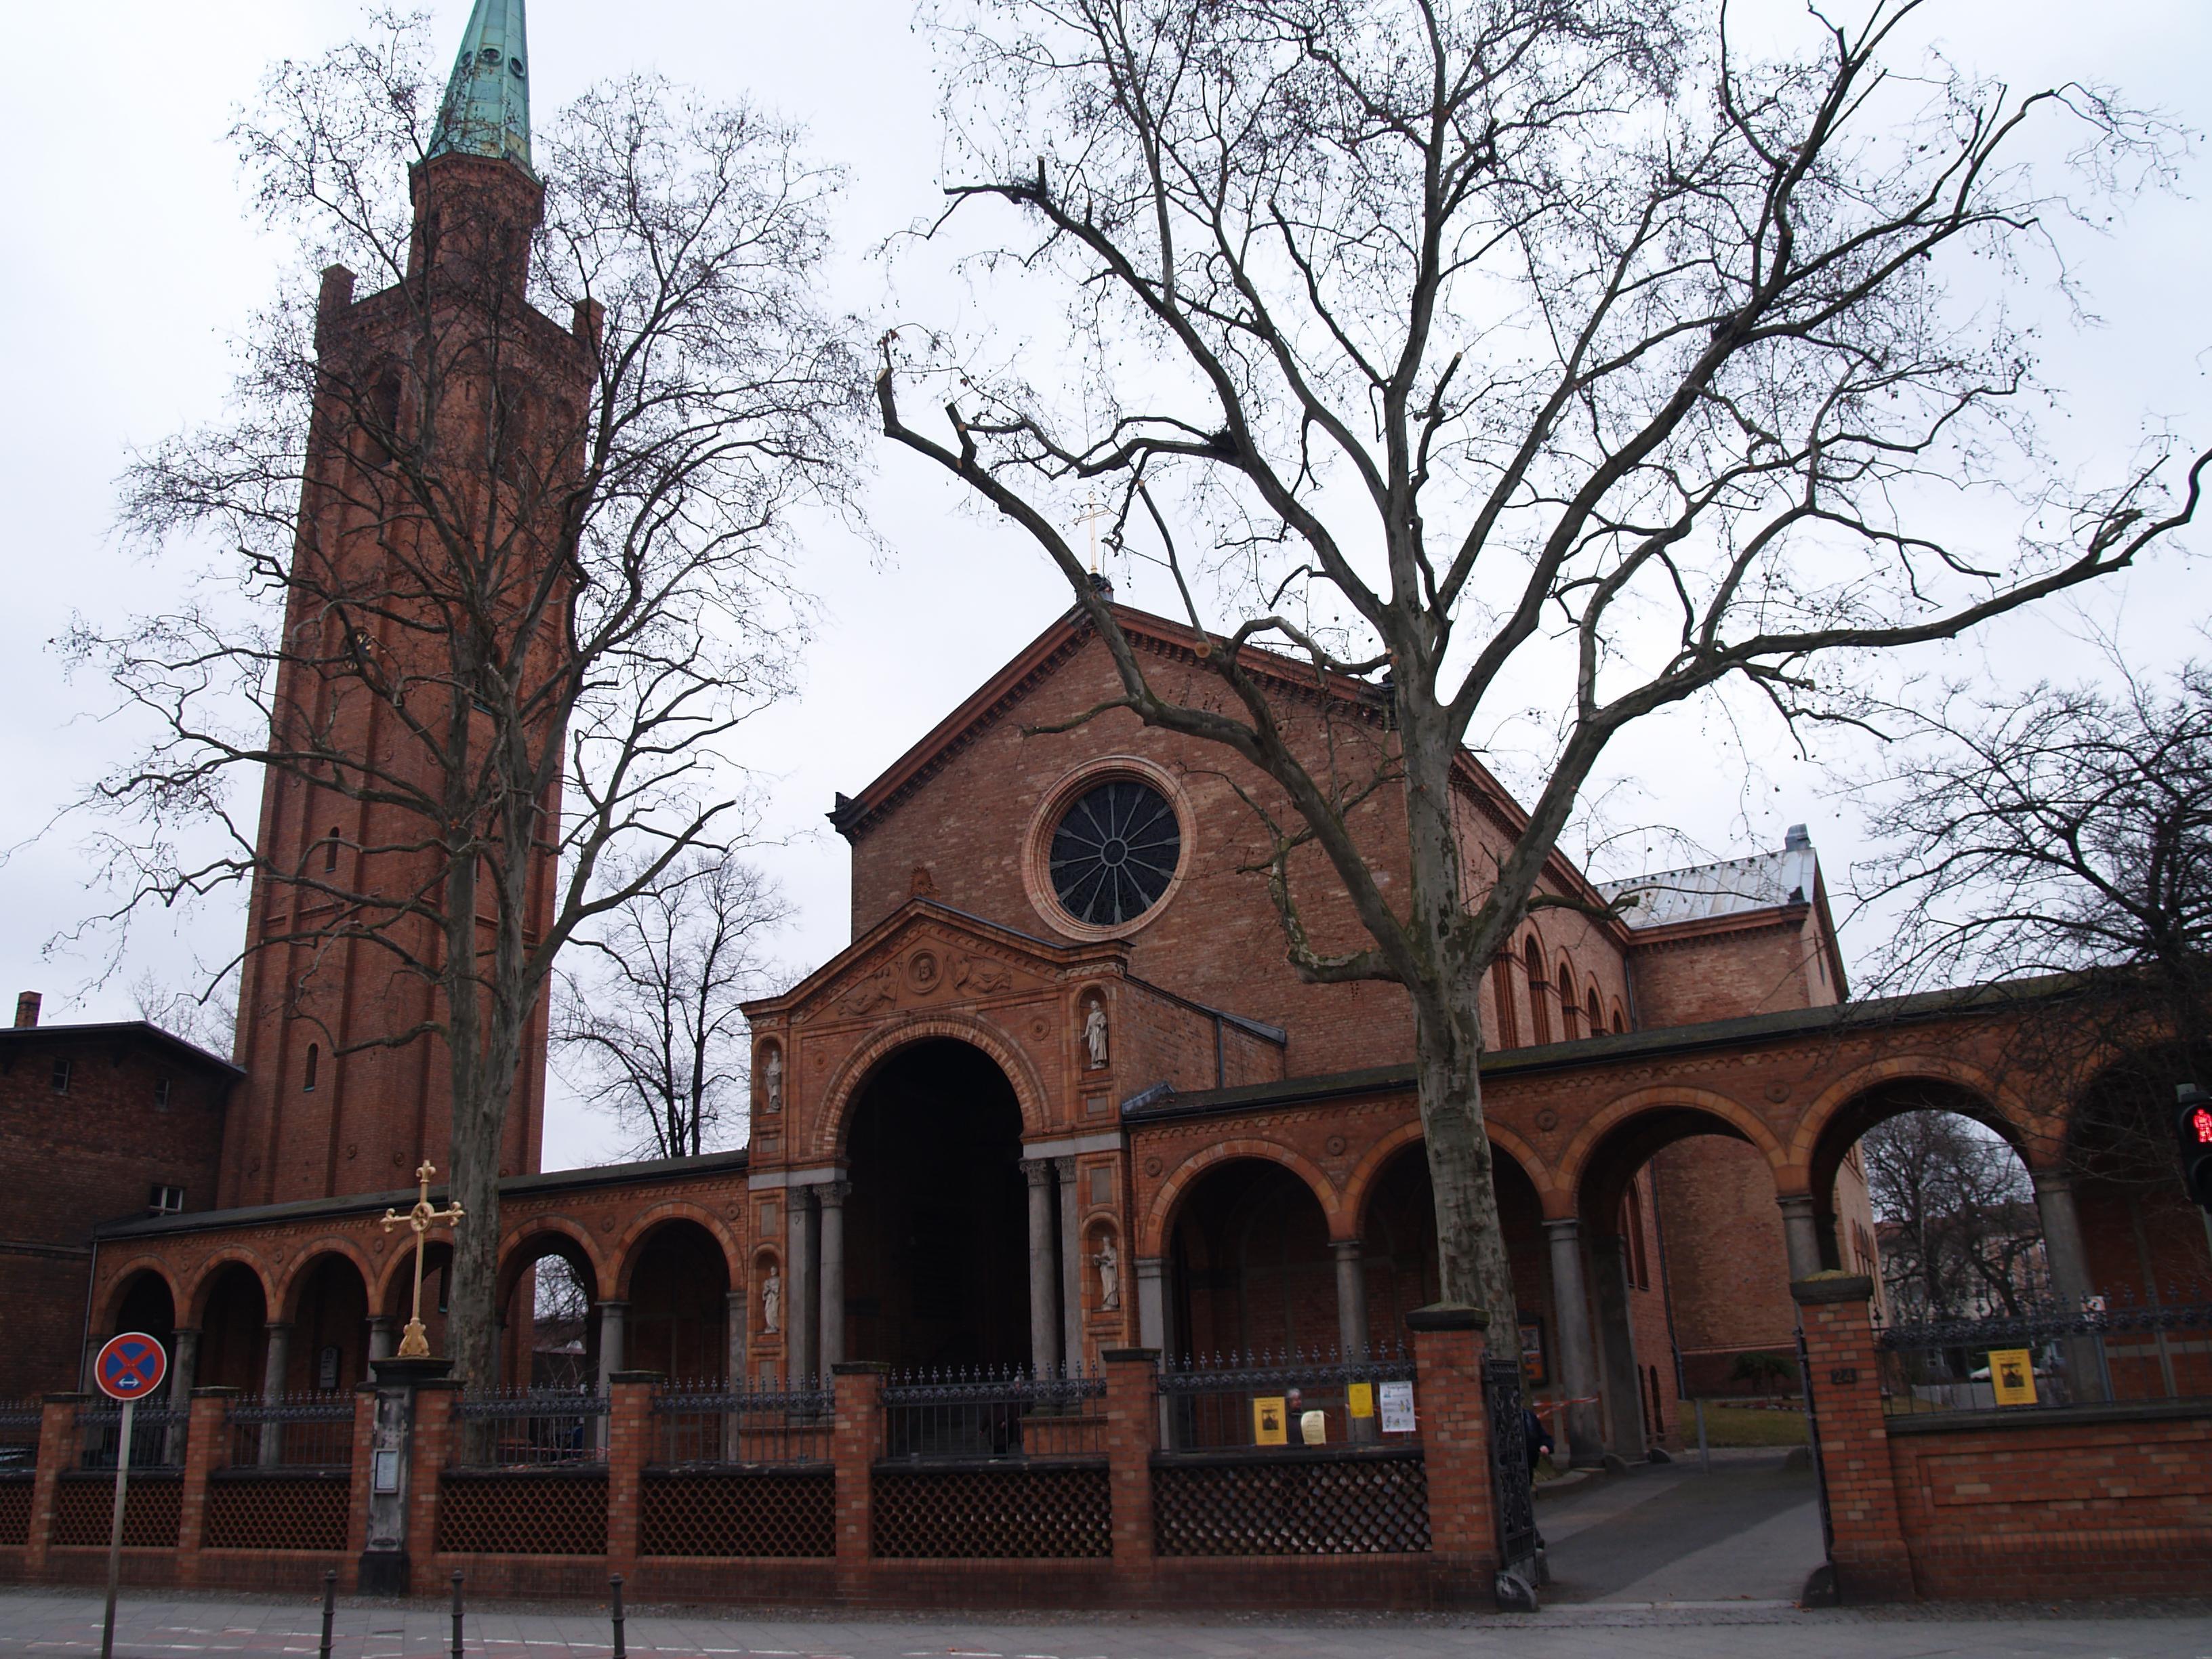 St. Johannes-Kirche in Moabit - Quelle: Wikimedia